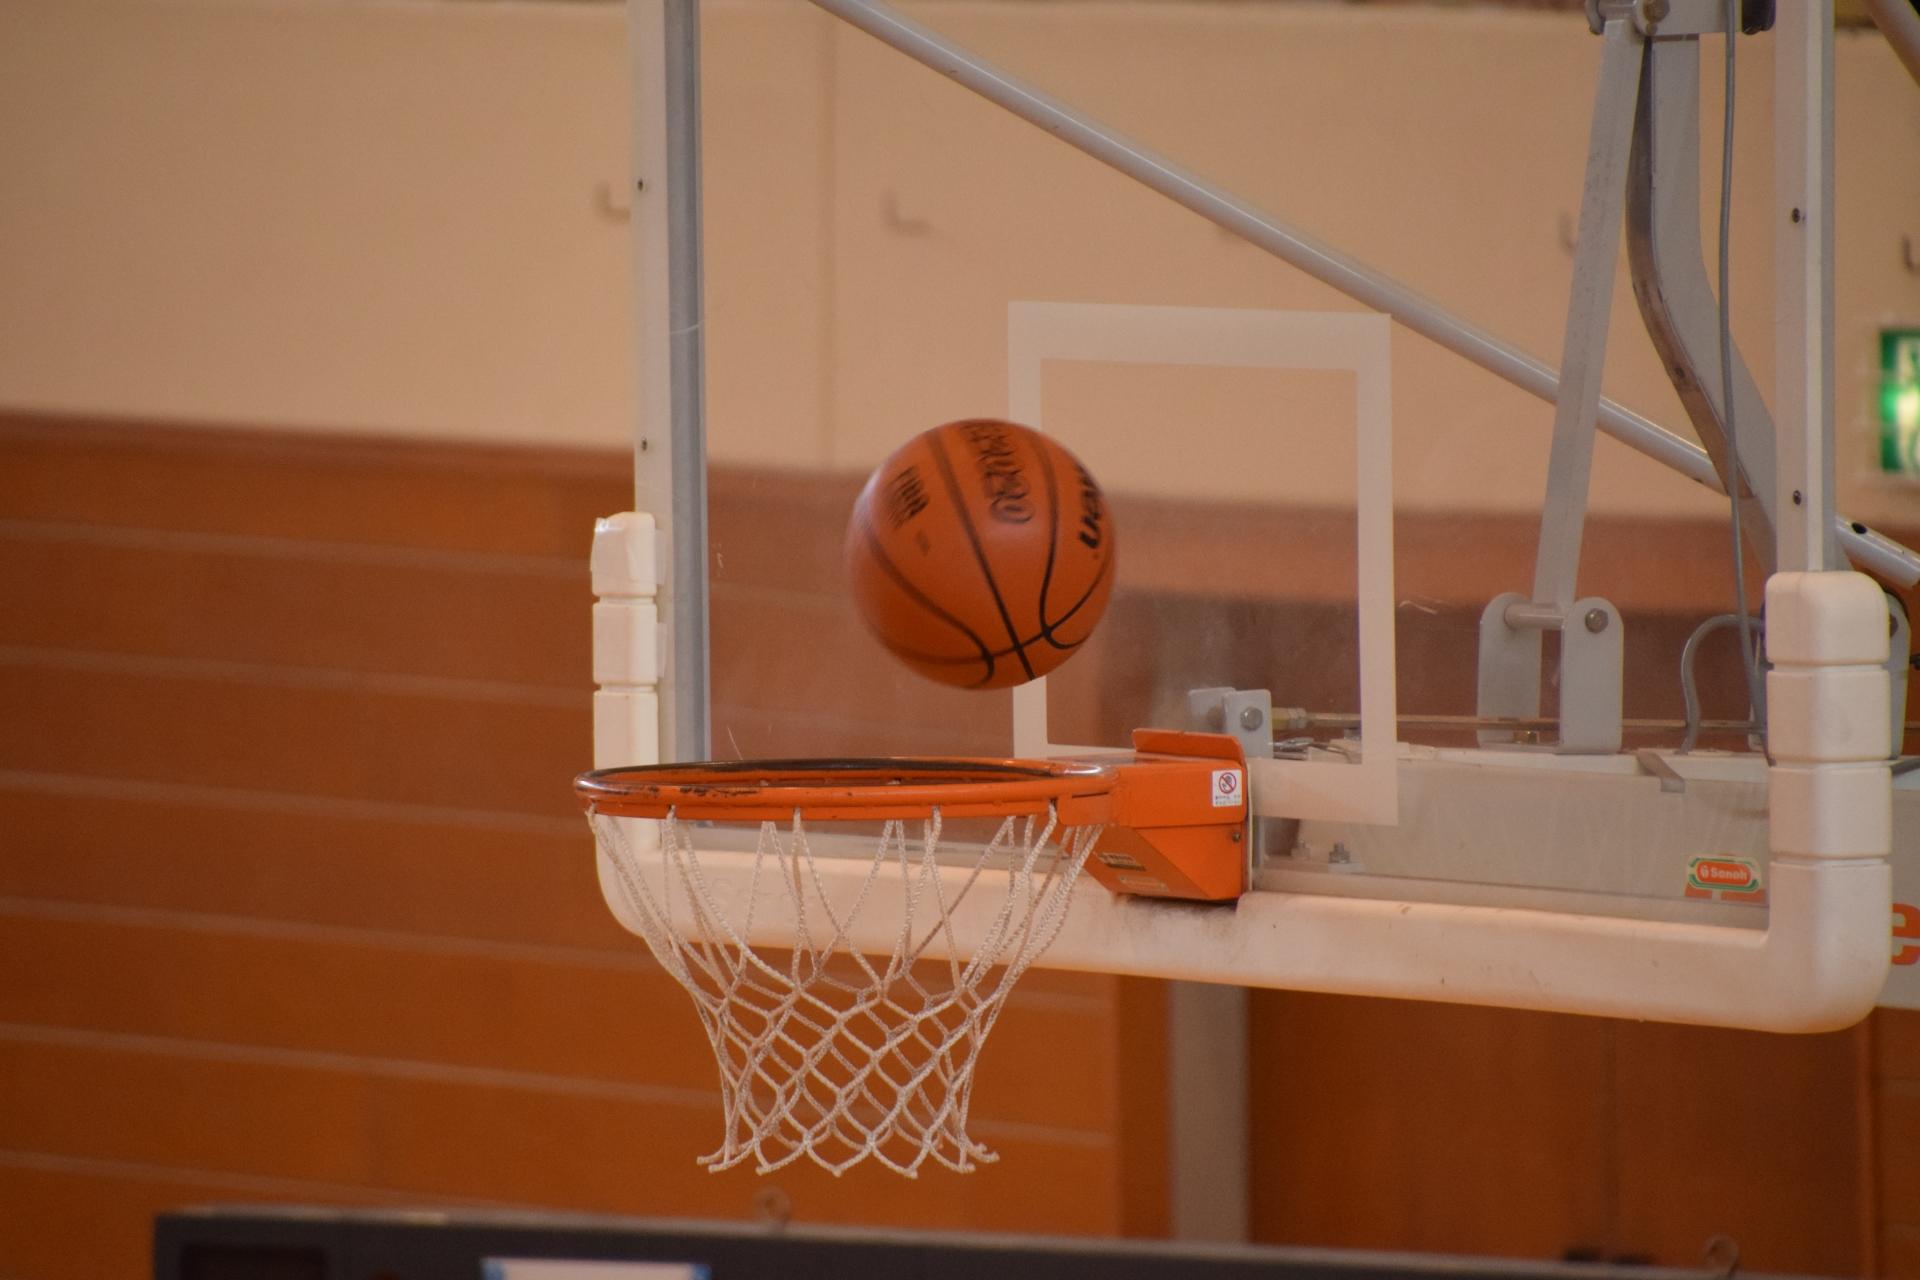 プロバスケットチームのトライフープ岡山を運営する【株式会社TRYHOOP】さんにプレミアム解離水を差し入れさせて頂きました!